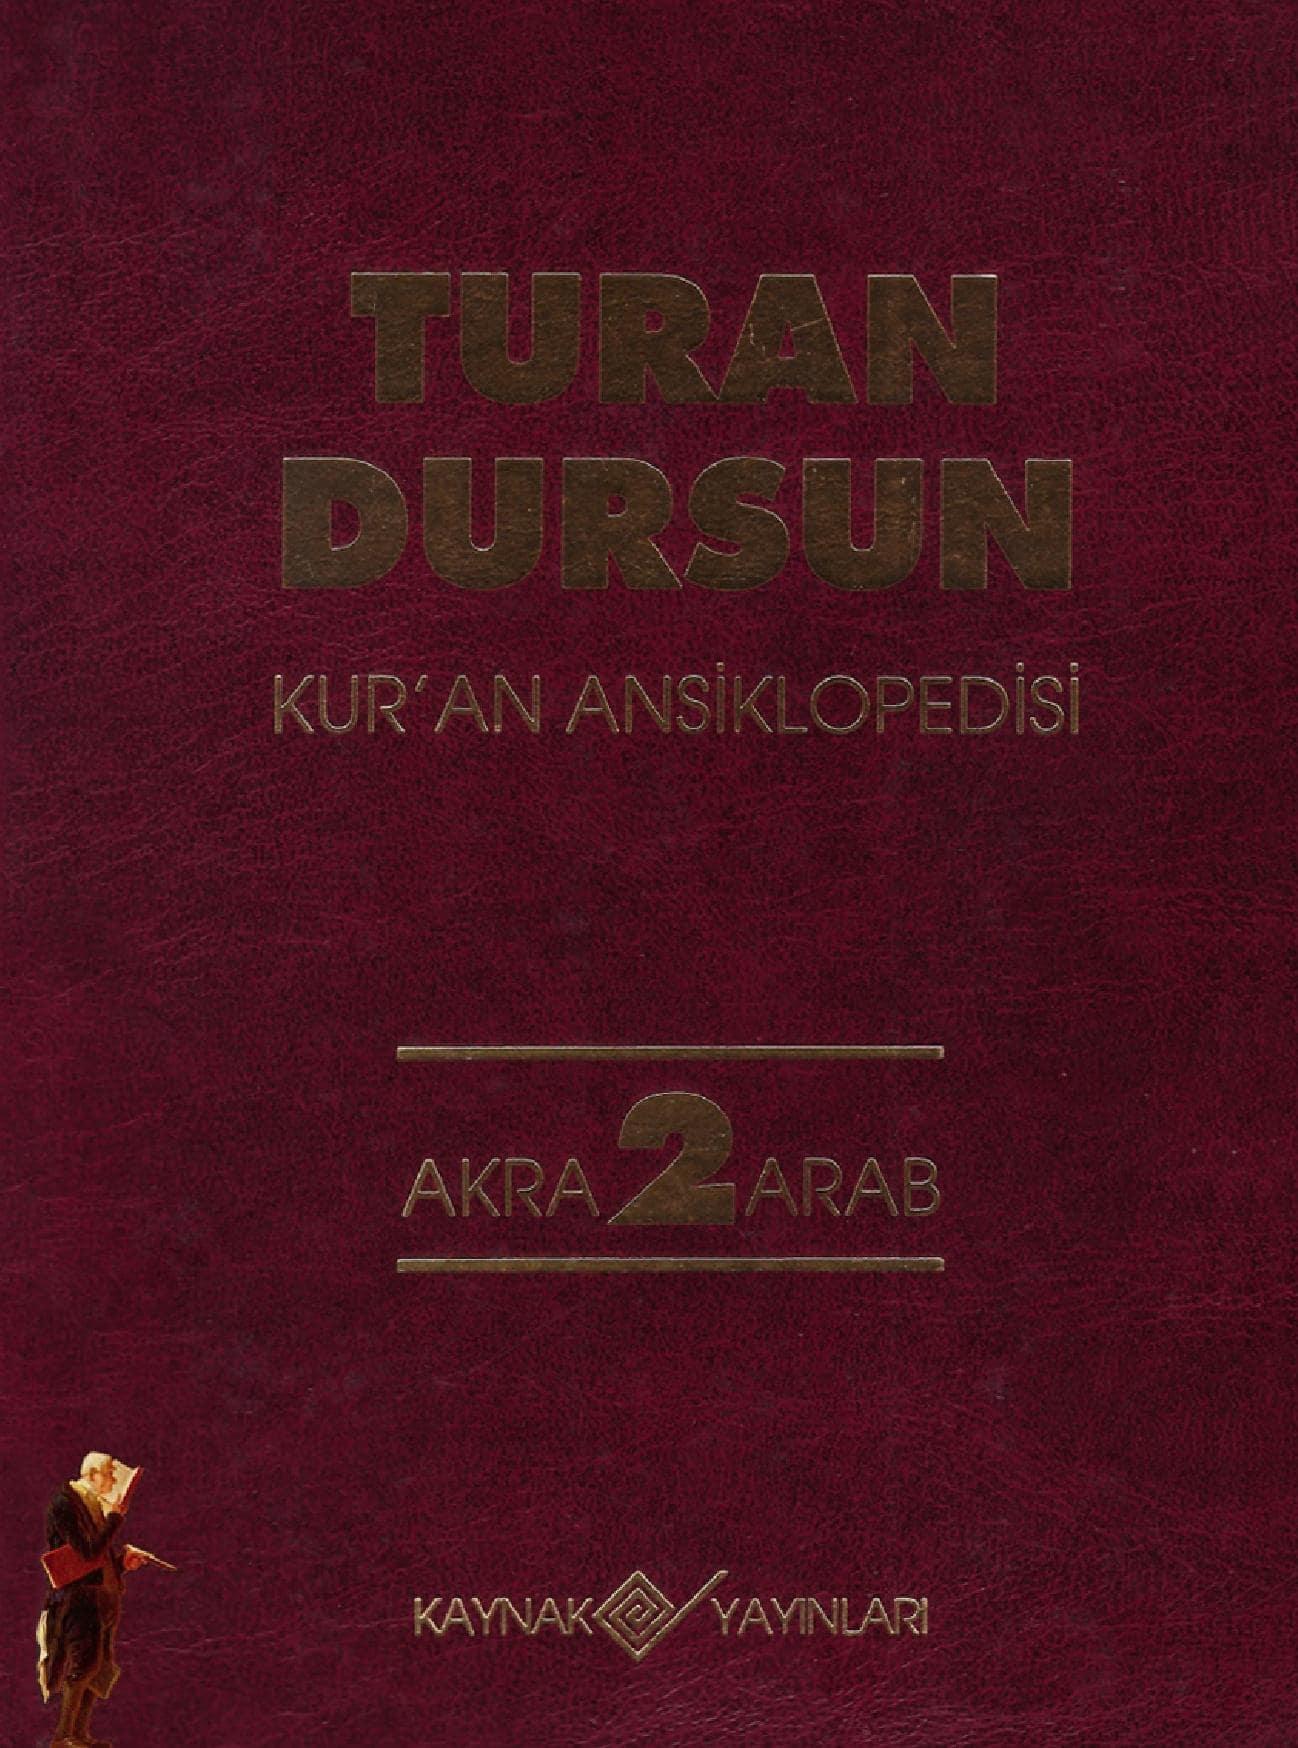 Turan Dursun. Kur'an Ansiklopedisi. 2. Cilt: Akra-Arab (1994)